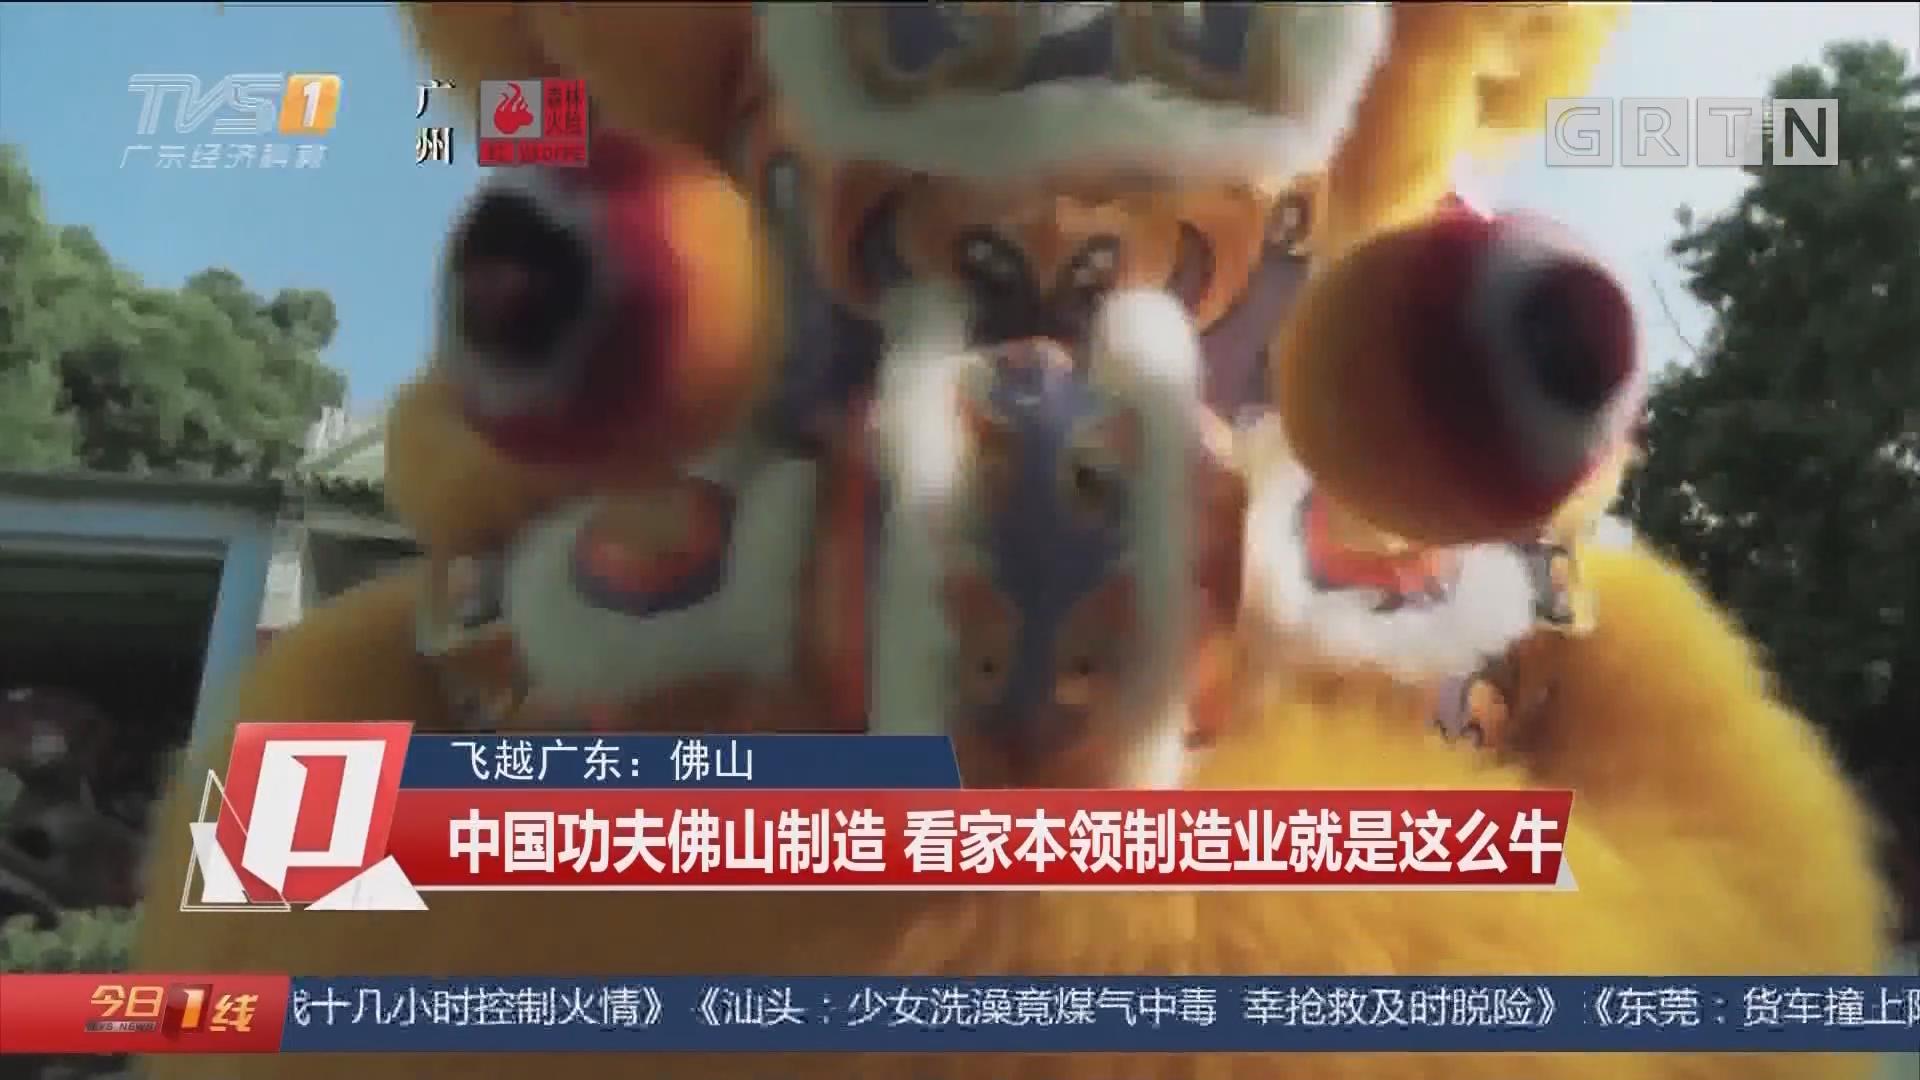 飞越广东:佛山 中国功夫佛山制造 看家本领制造业就是这么牛